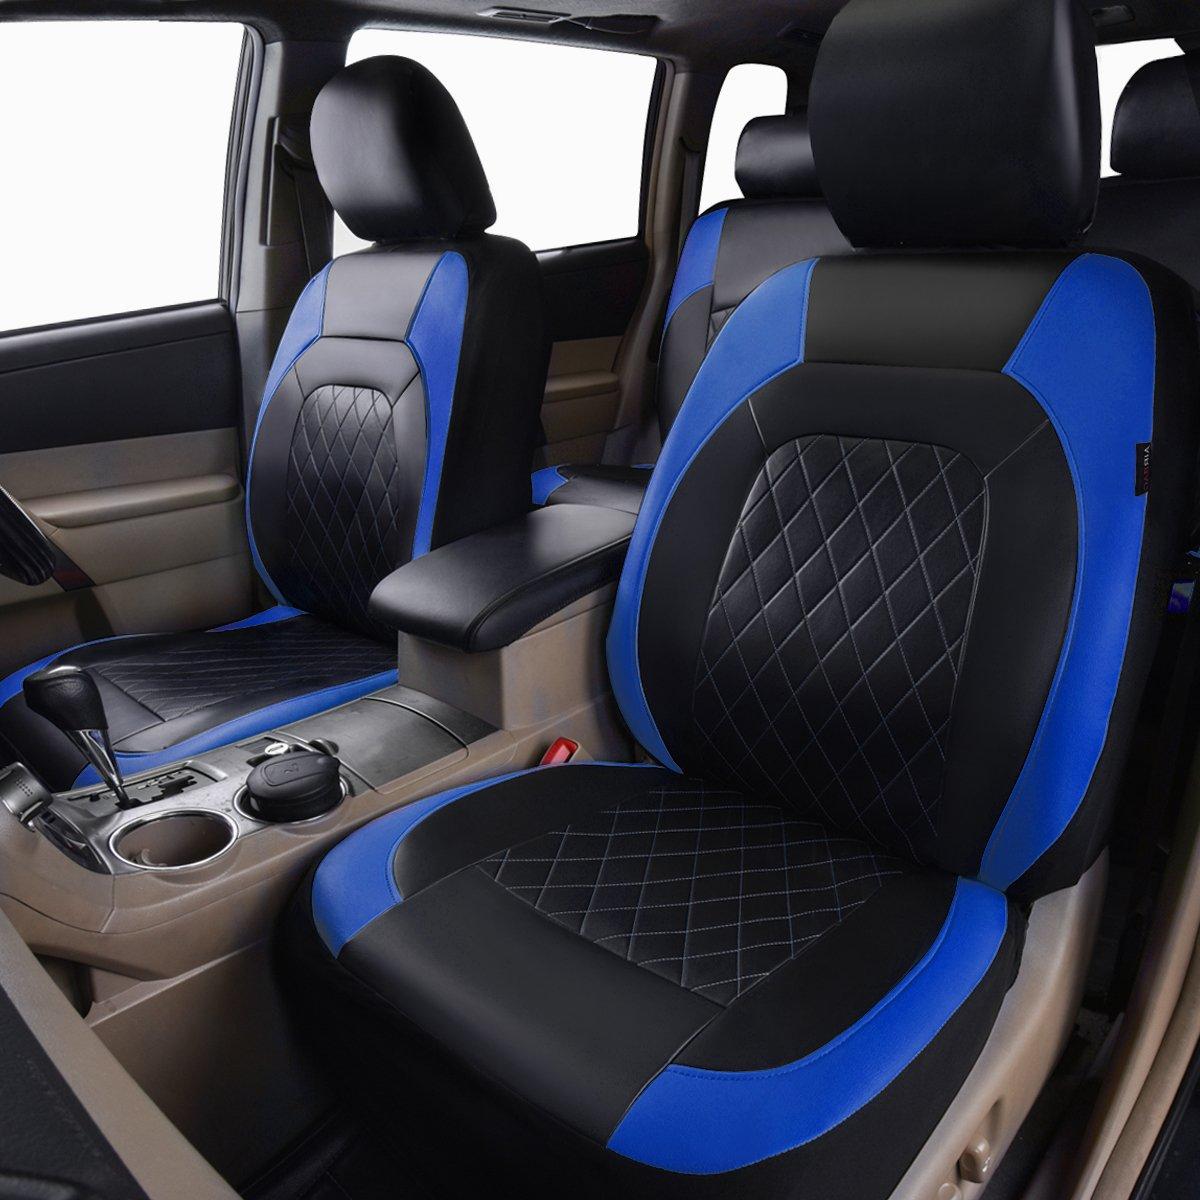 Autositz Schutzbezug Universal PU Leder Auto-Sitzbez/üge Set Auto-Schonbez/üge f/ür die Vordersitze mit Airbag